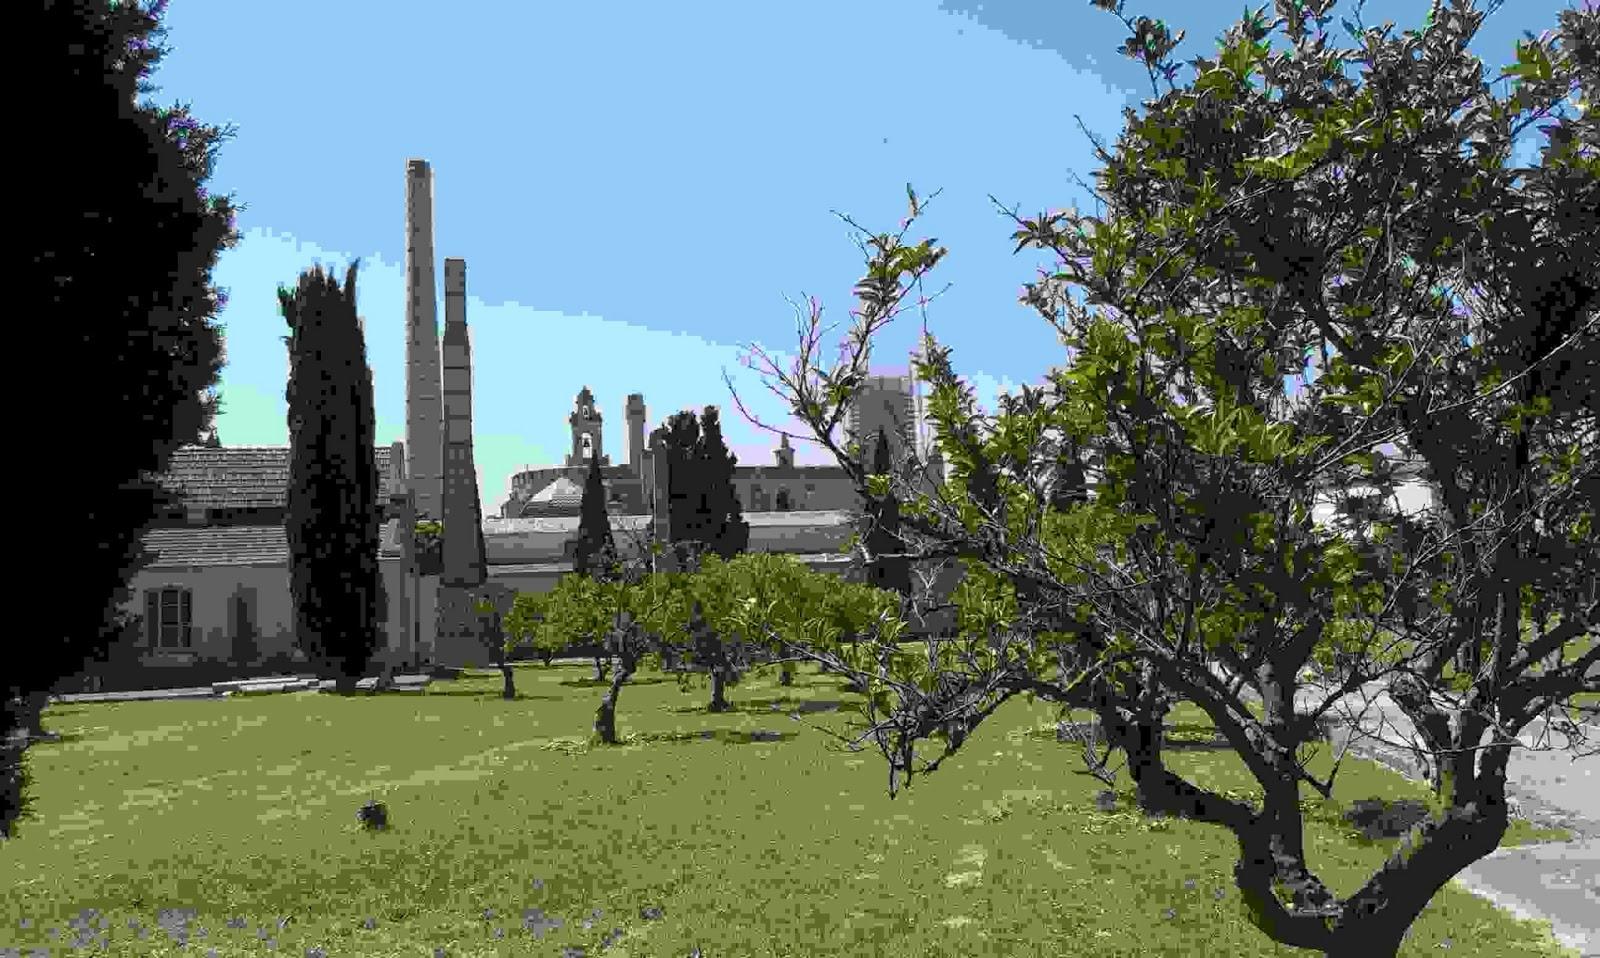 El portal de susana la magia del monasterio de la cartuja for Los jardines de la cartuja